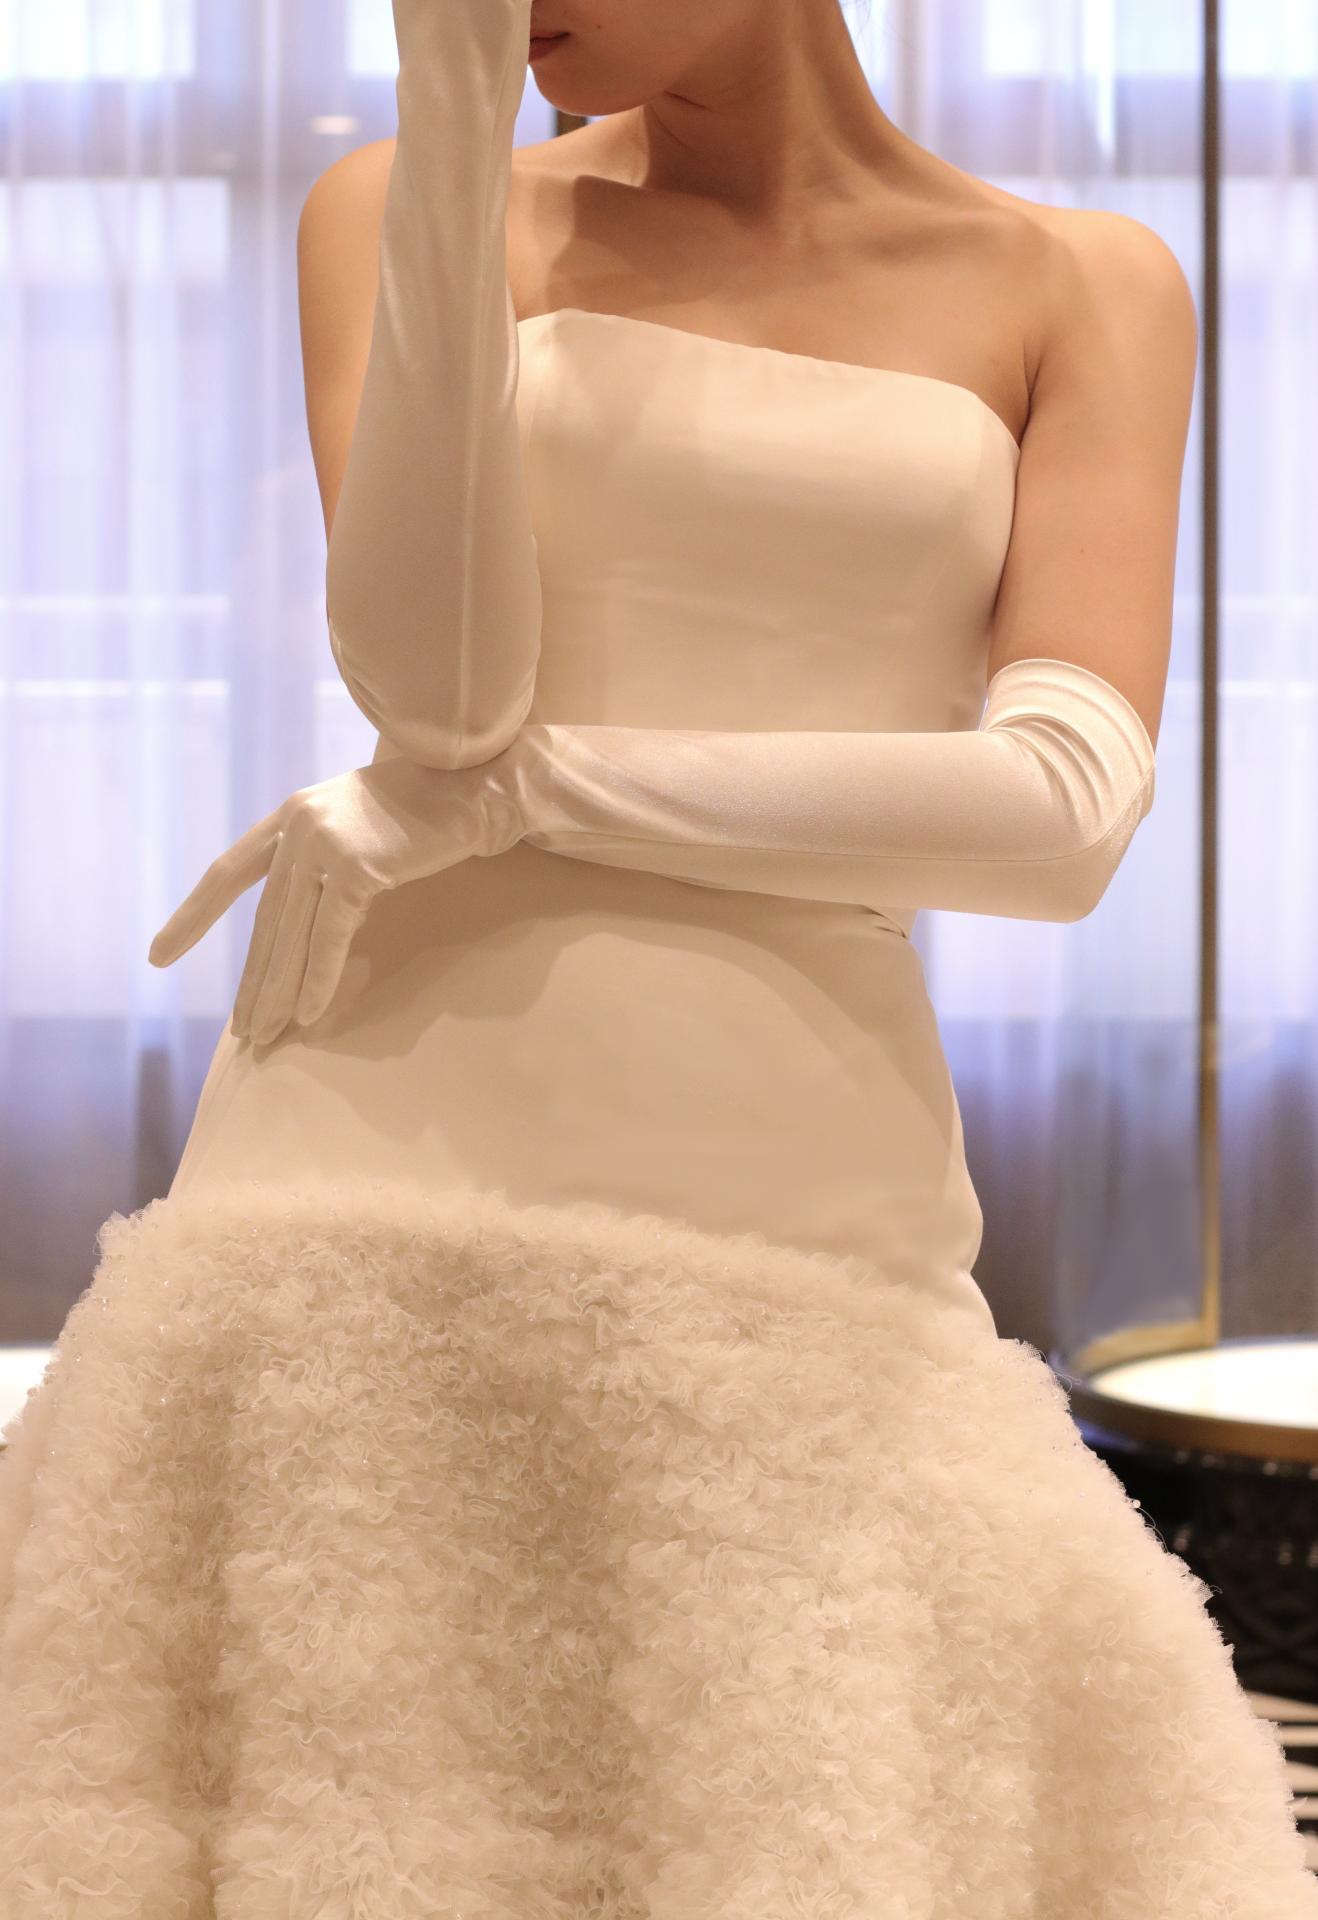 世界中のセレブや花嫁から注目されるヴィクター・アンド・ロルフのウェディングドレスは、モードでスタイリッシュな印象の中にも上品さやクラシカルさを感じさせる唯一無二のデザインで、お洒落な花嫁様に人気の写真映えする1着です